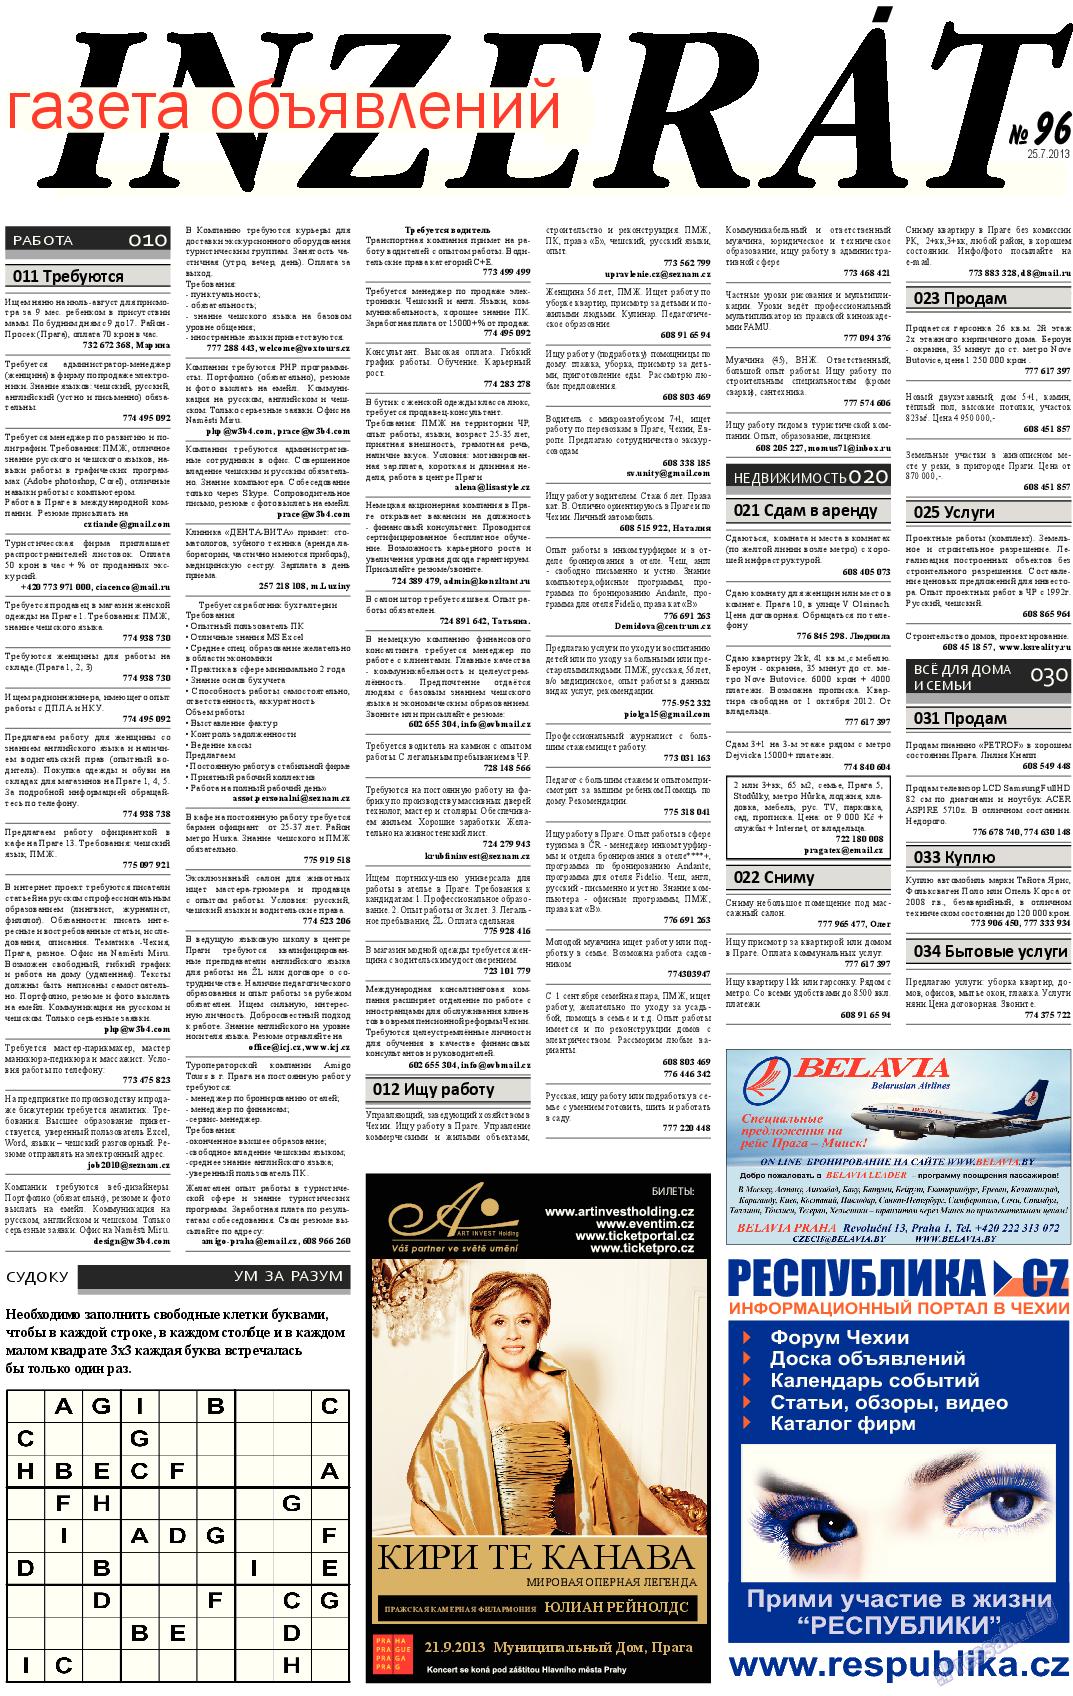 Пражский телеграф (газета). 2013 год, номер 29, стр. 14